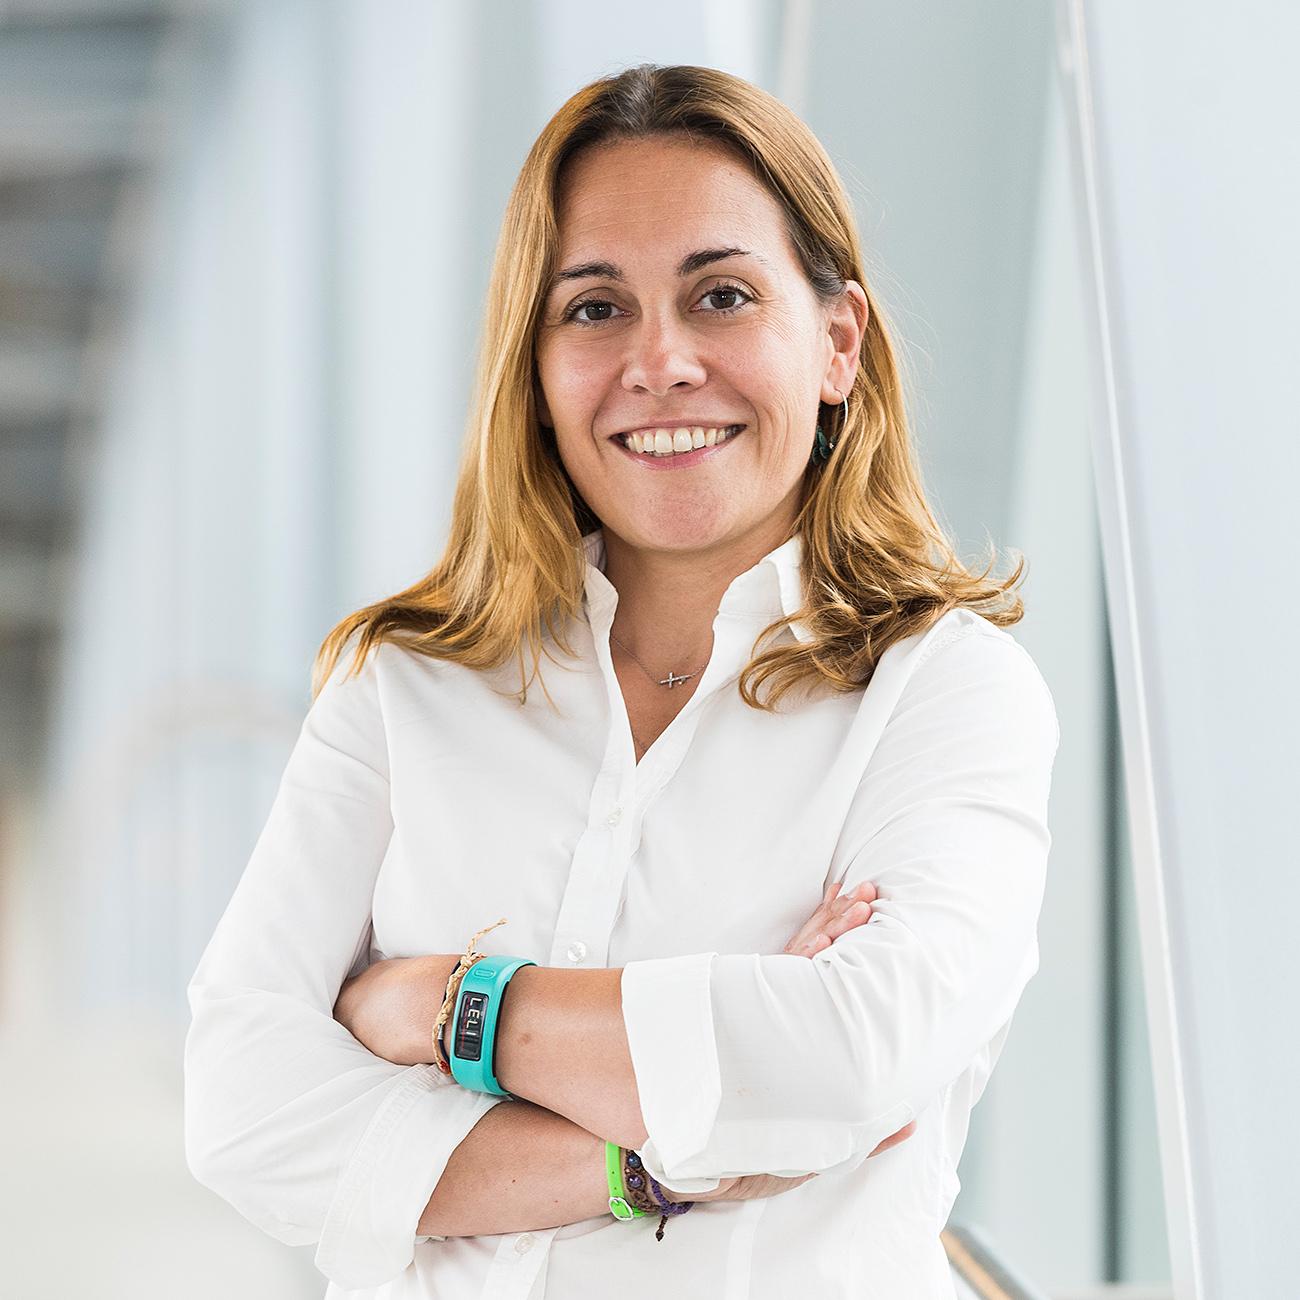 Mónica Morales Camarzana